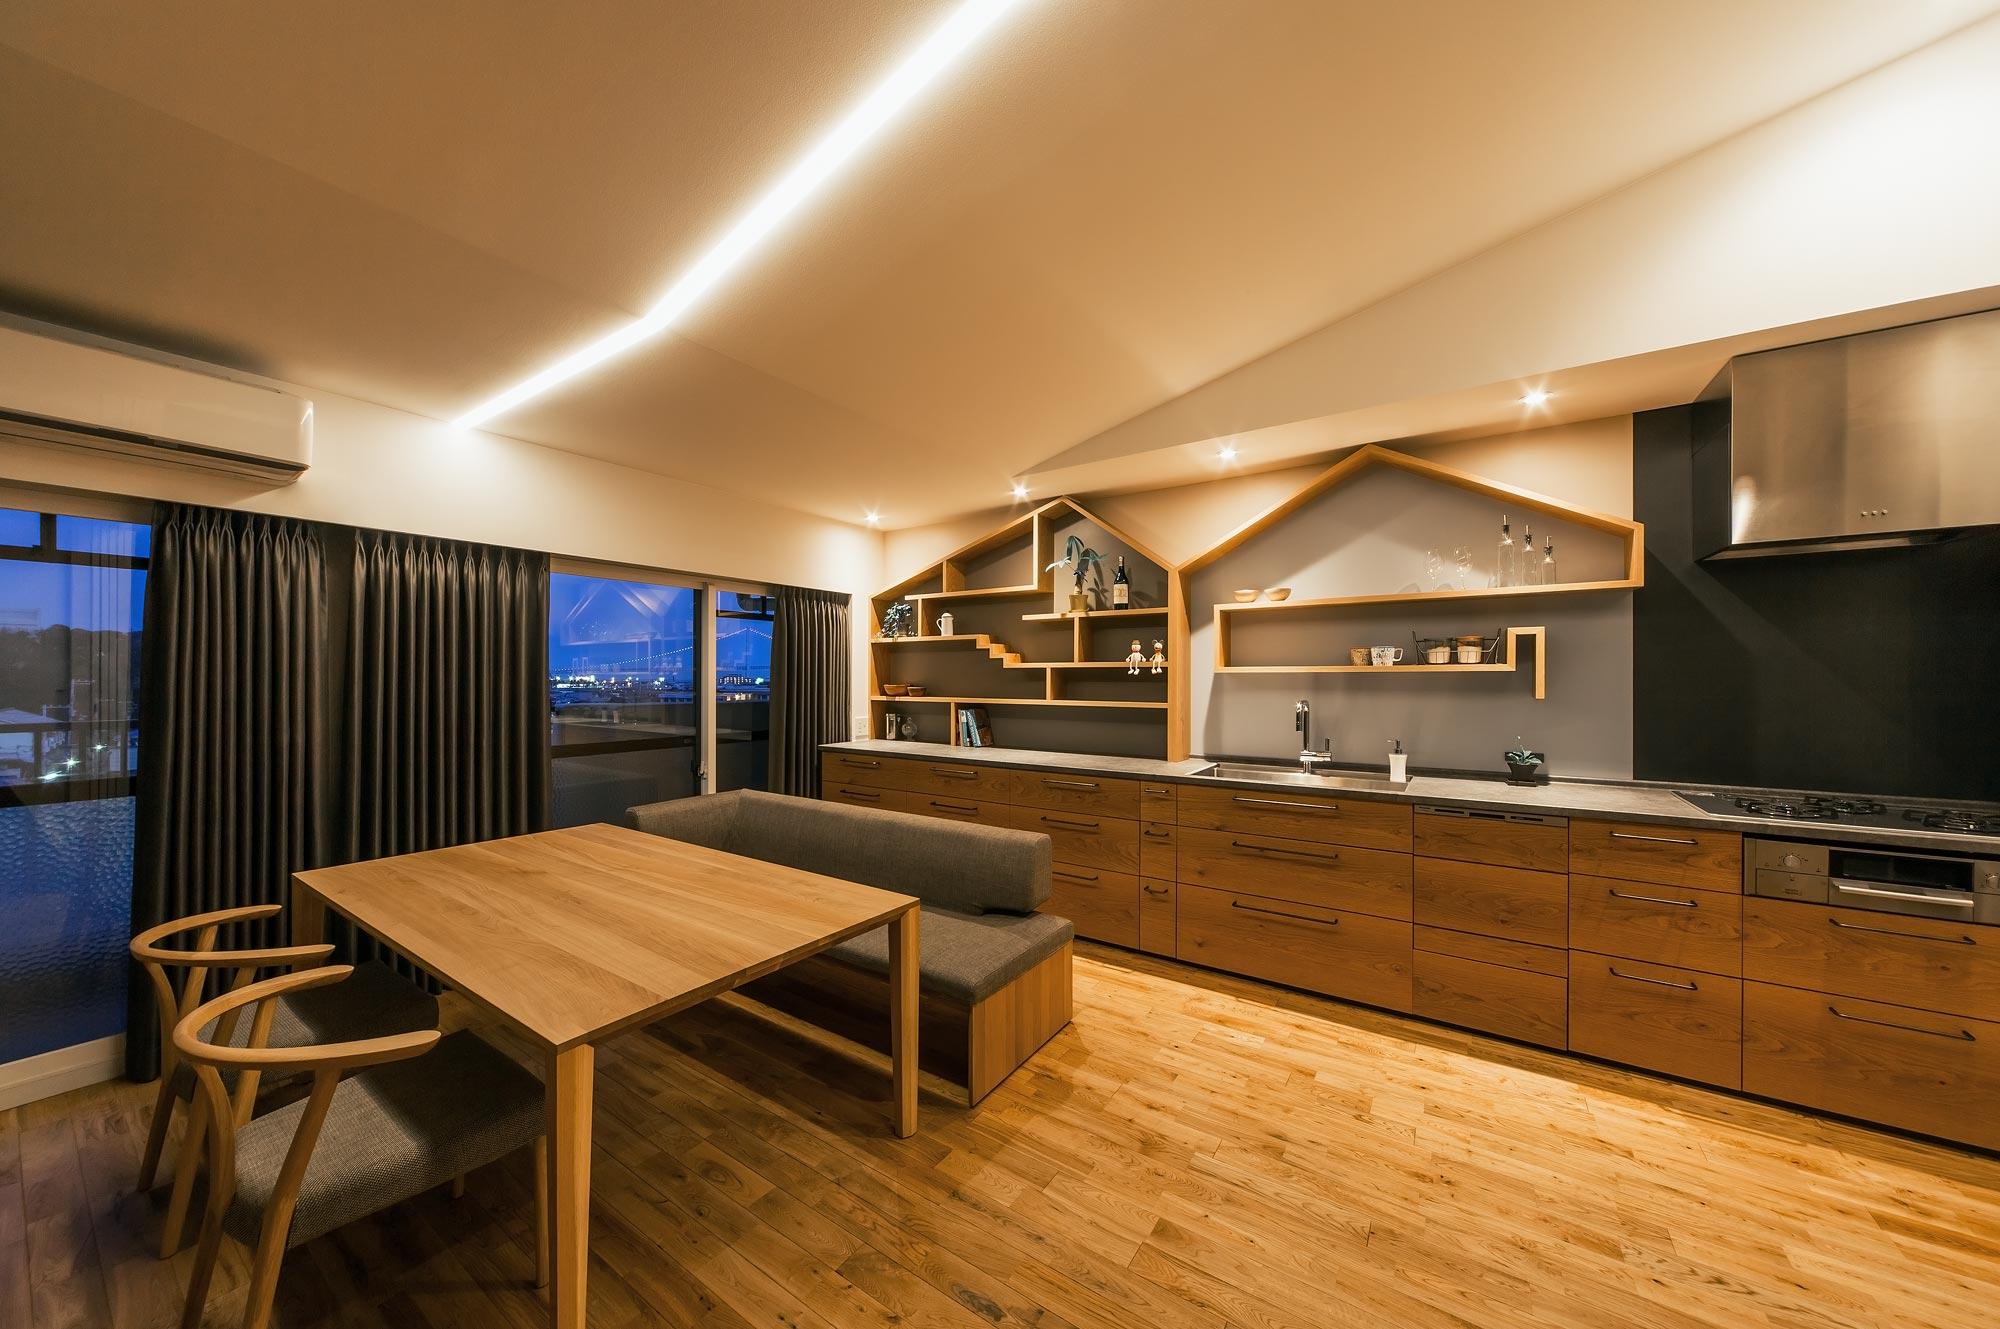 夕景:キッチンのすこしかわいらしい飾り棚のデザインは、窓のそとにみえる明石海峡大橋へとつながっていくイメージ。空のひろがりをいつも感じられる空間に